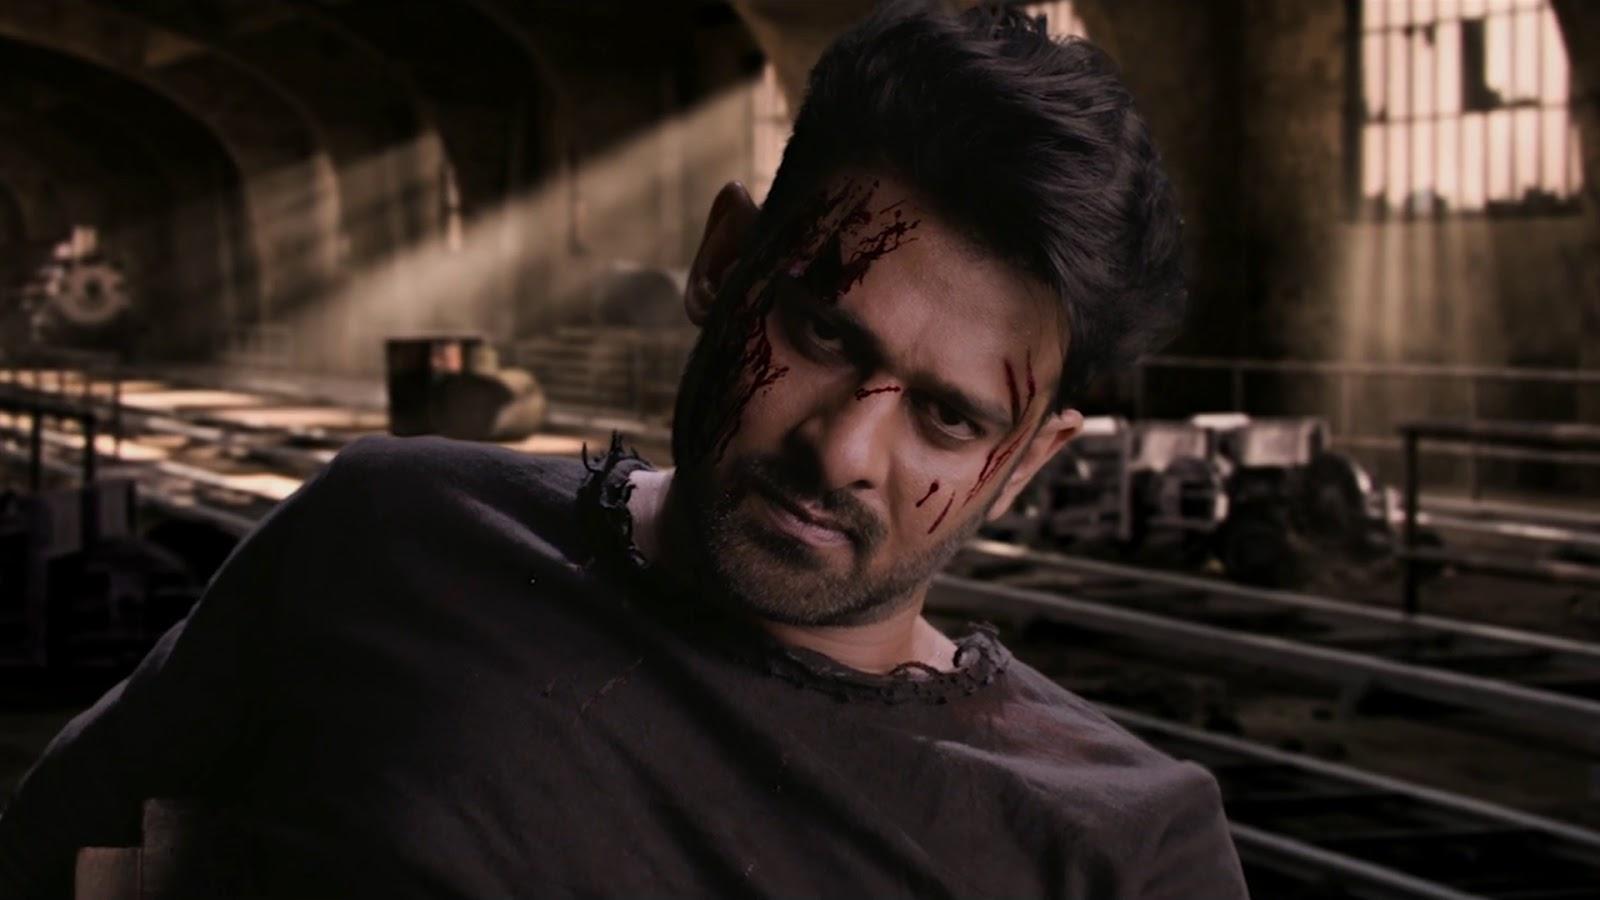 Best Actor Prabhas Hd Wallpaper: Saaho Is An Upcoming Telugu Movie HD Wallpapers 1080p